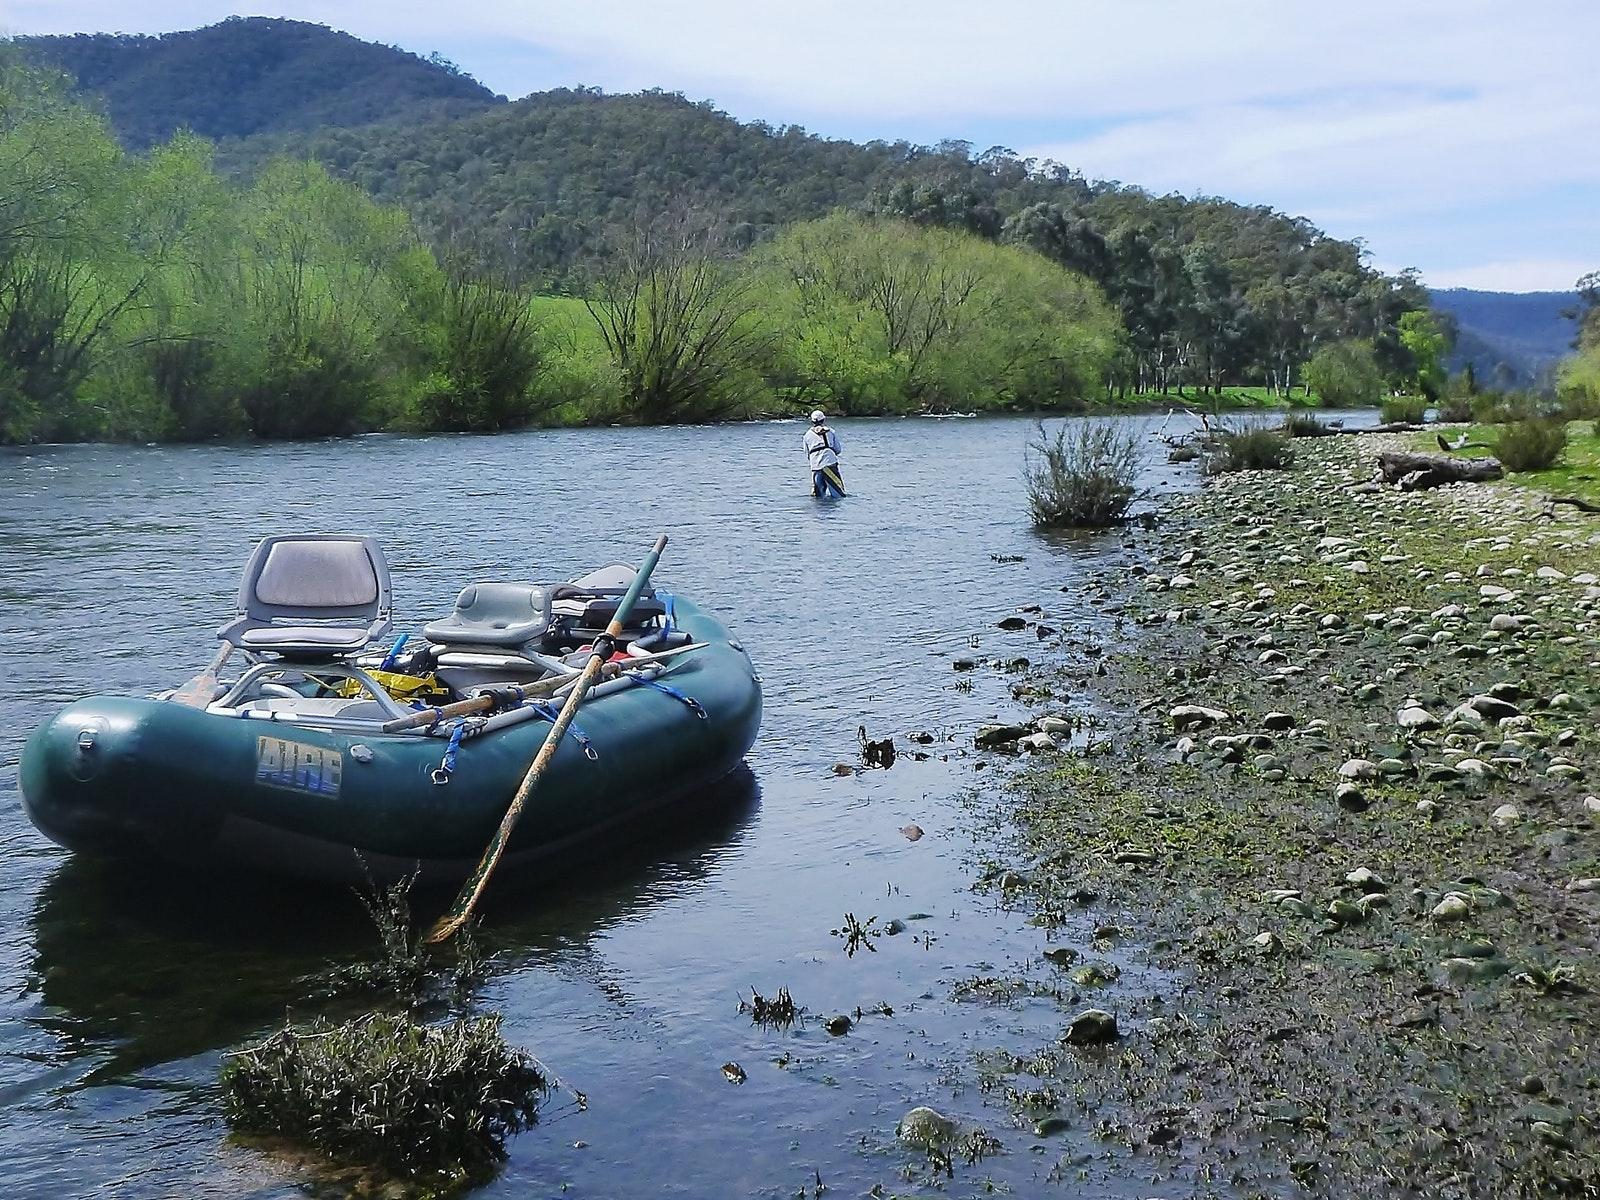 River Escapes